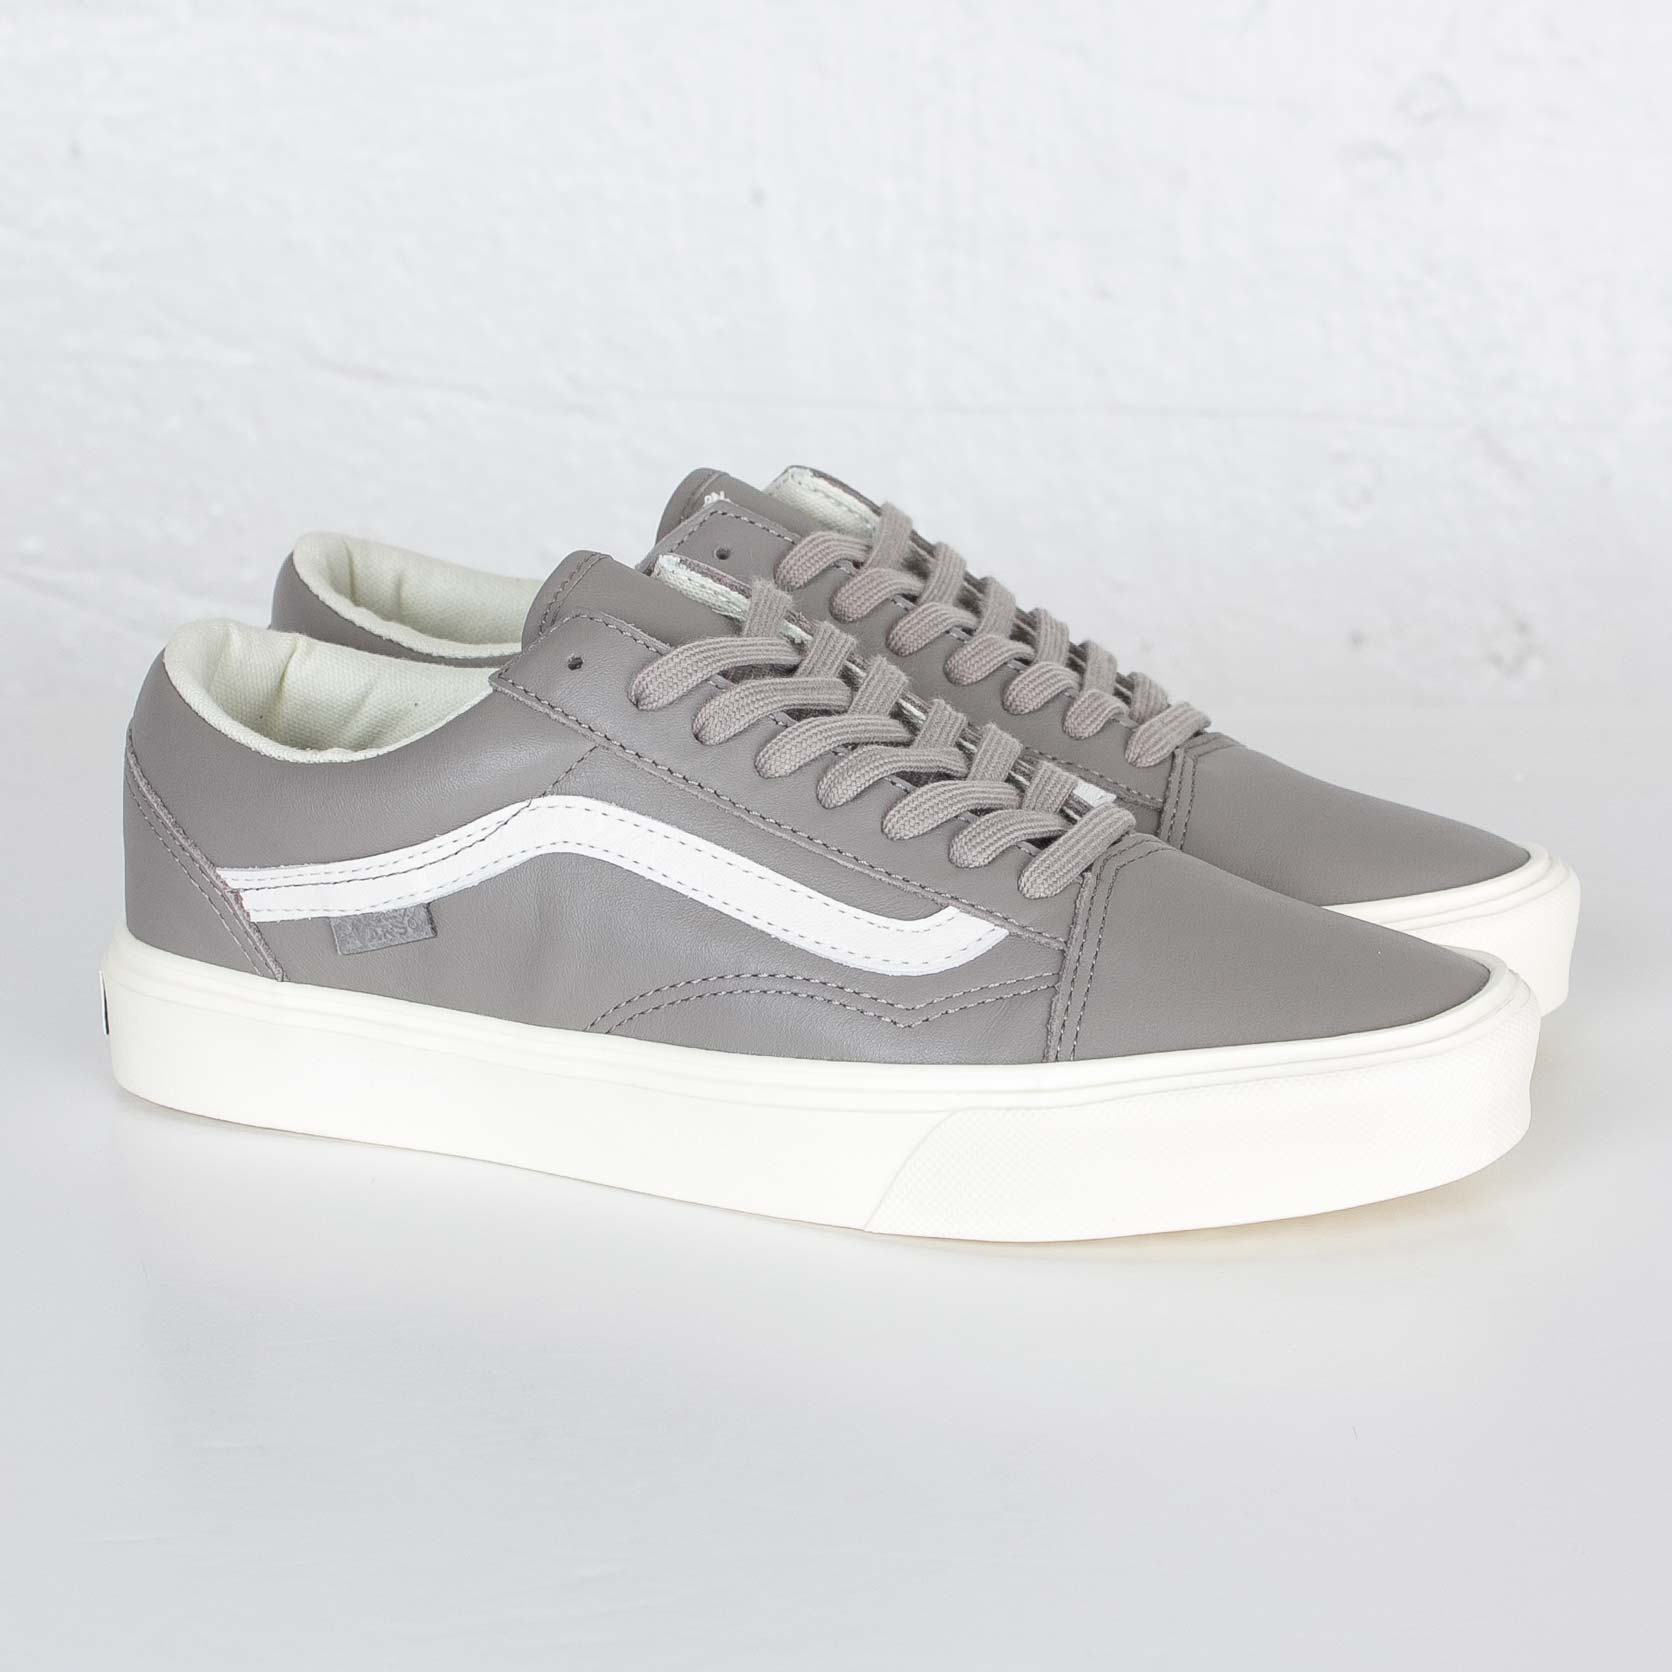 Vans Old Skool Lite LX V4kwifj Sneakersnstuff | sneakers